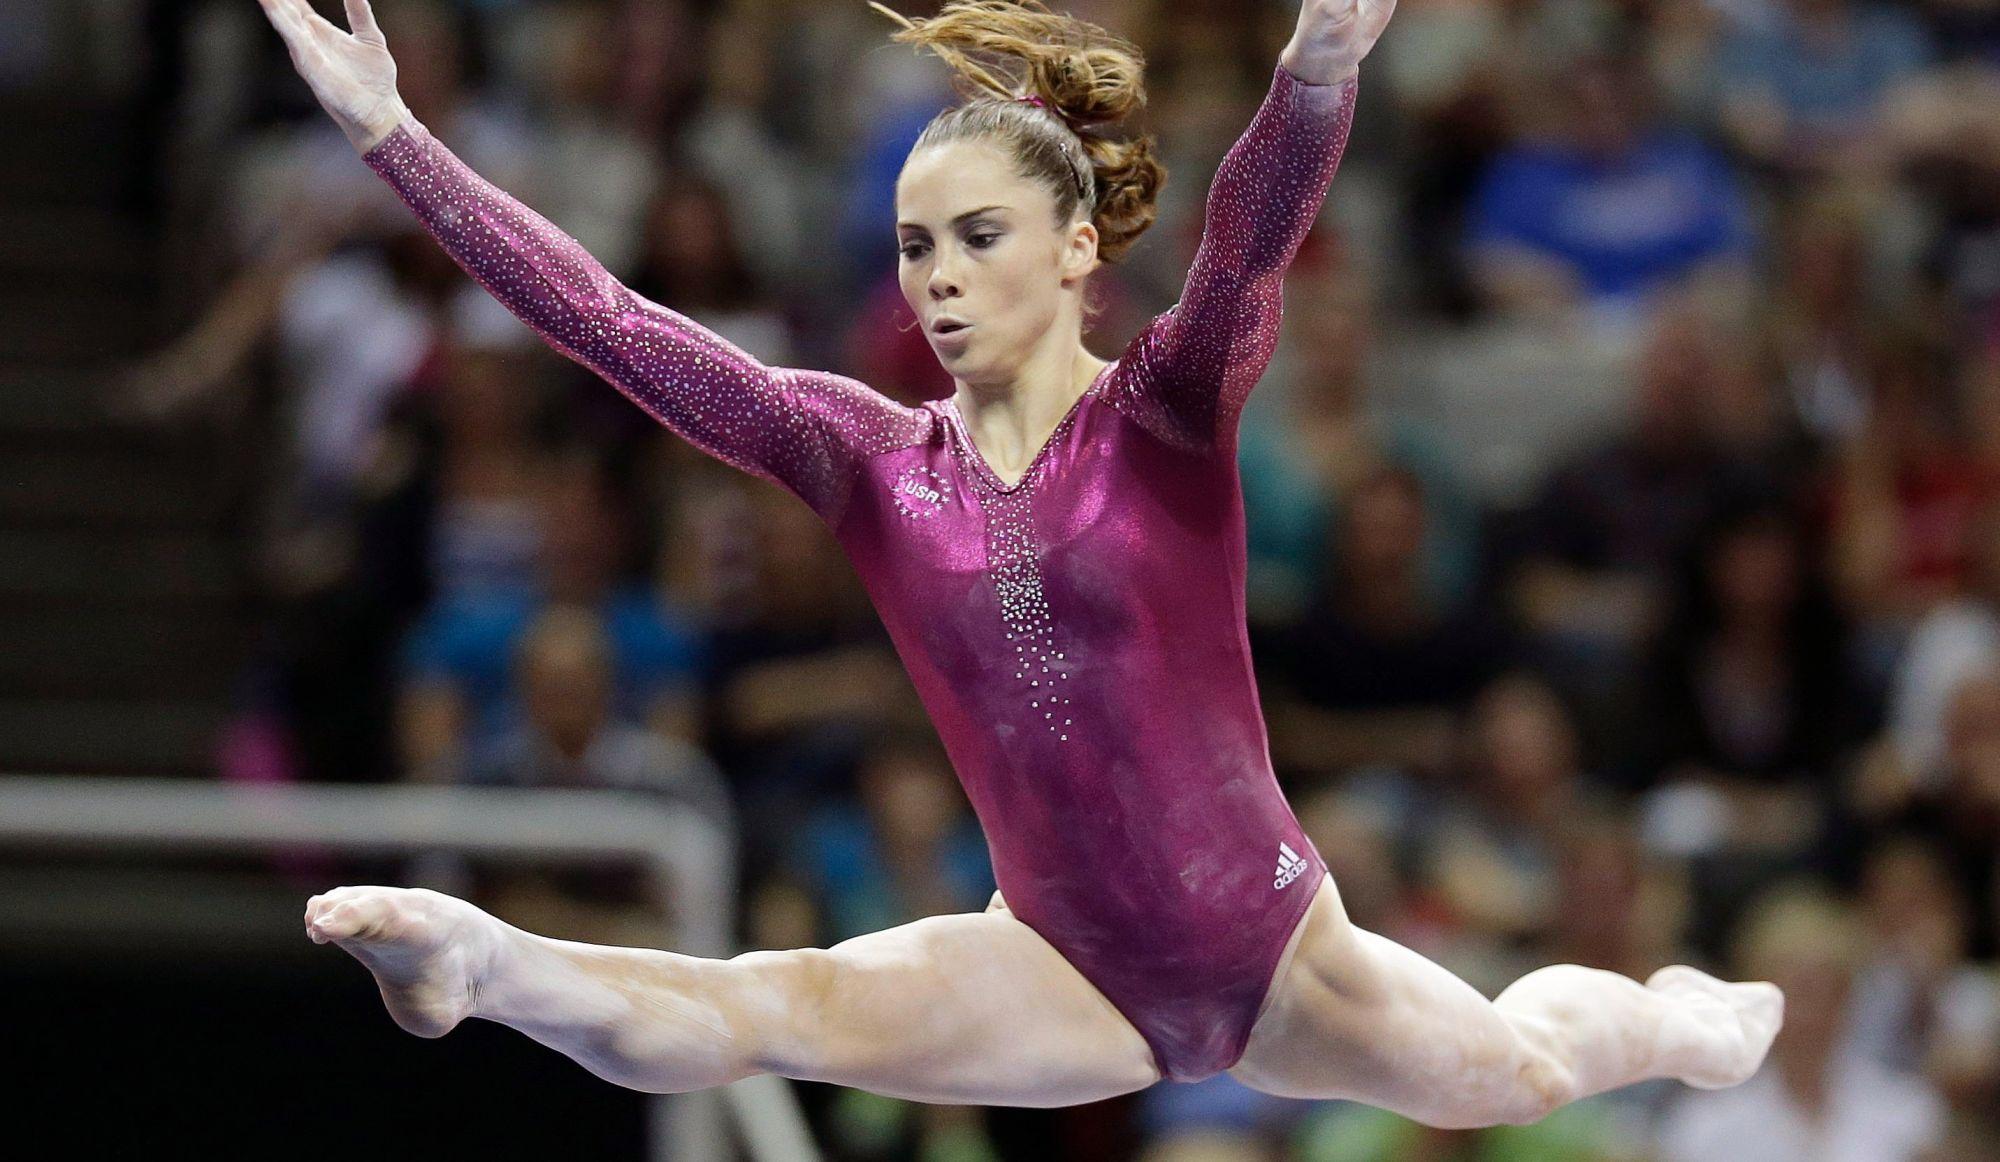 Gymnaste américaine agressée sexuellement par le médecin de l'équipe